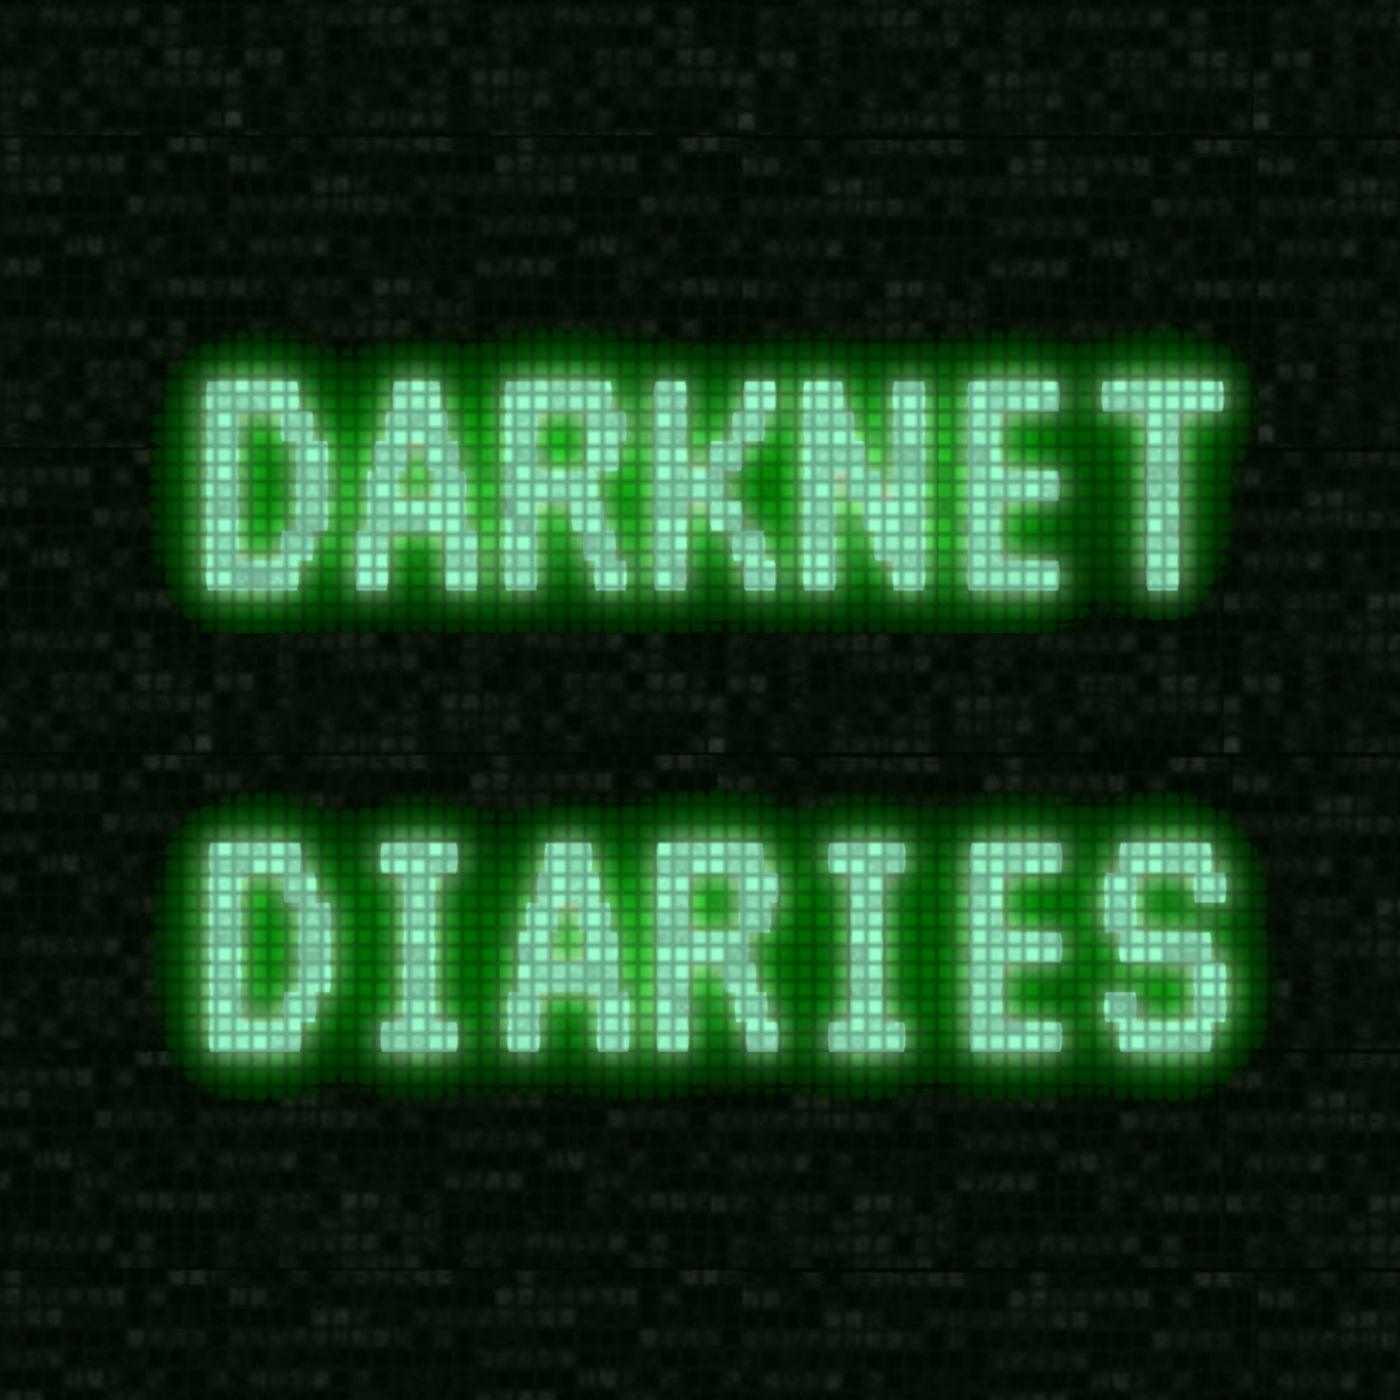 darknet-diaries-rss.jpg